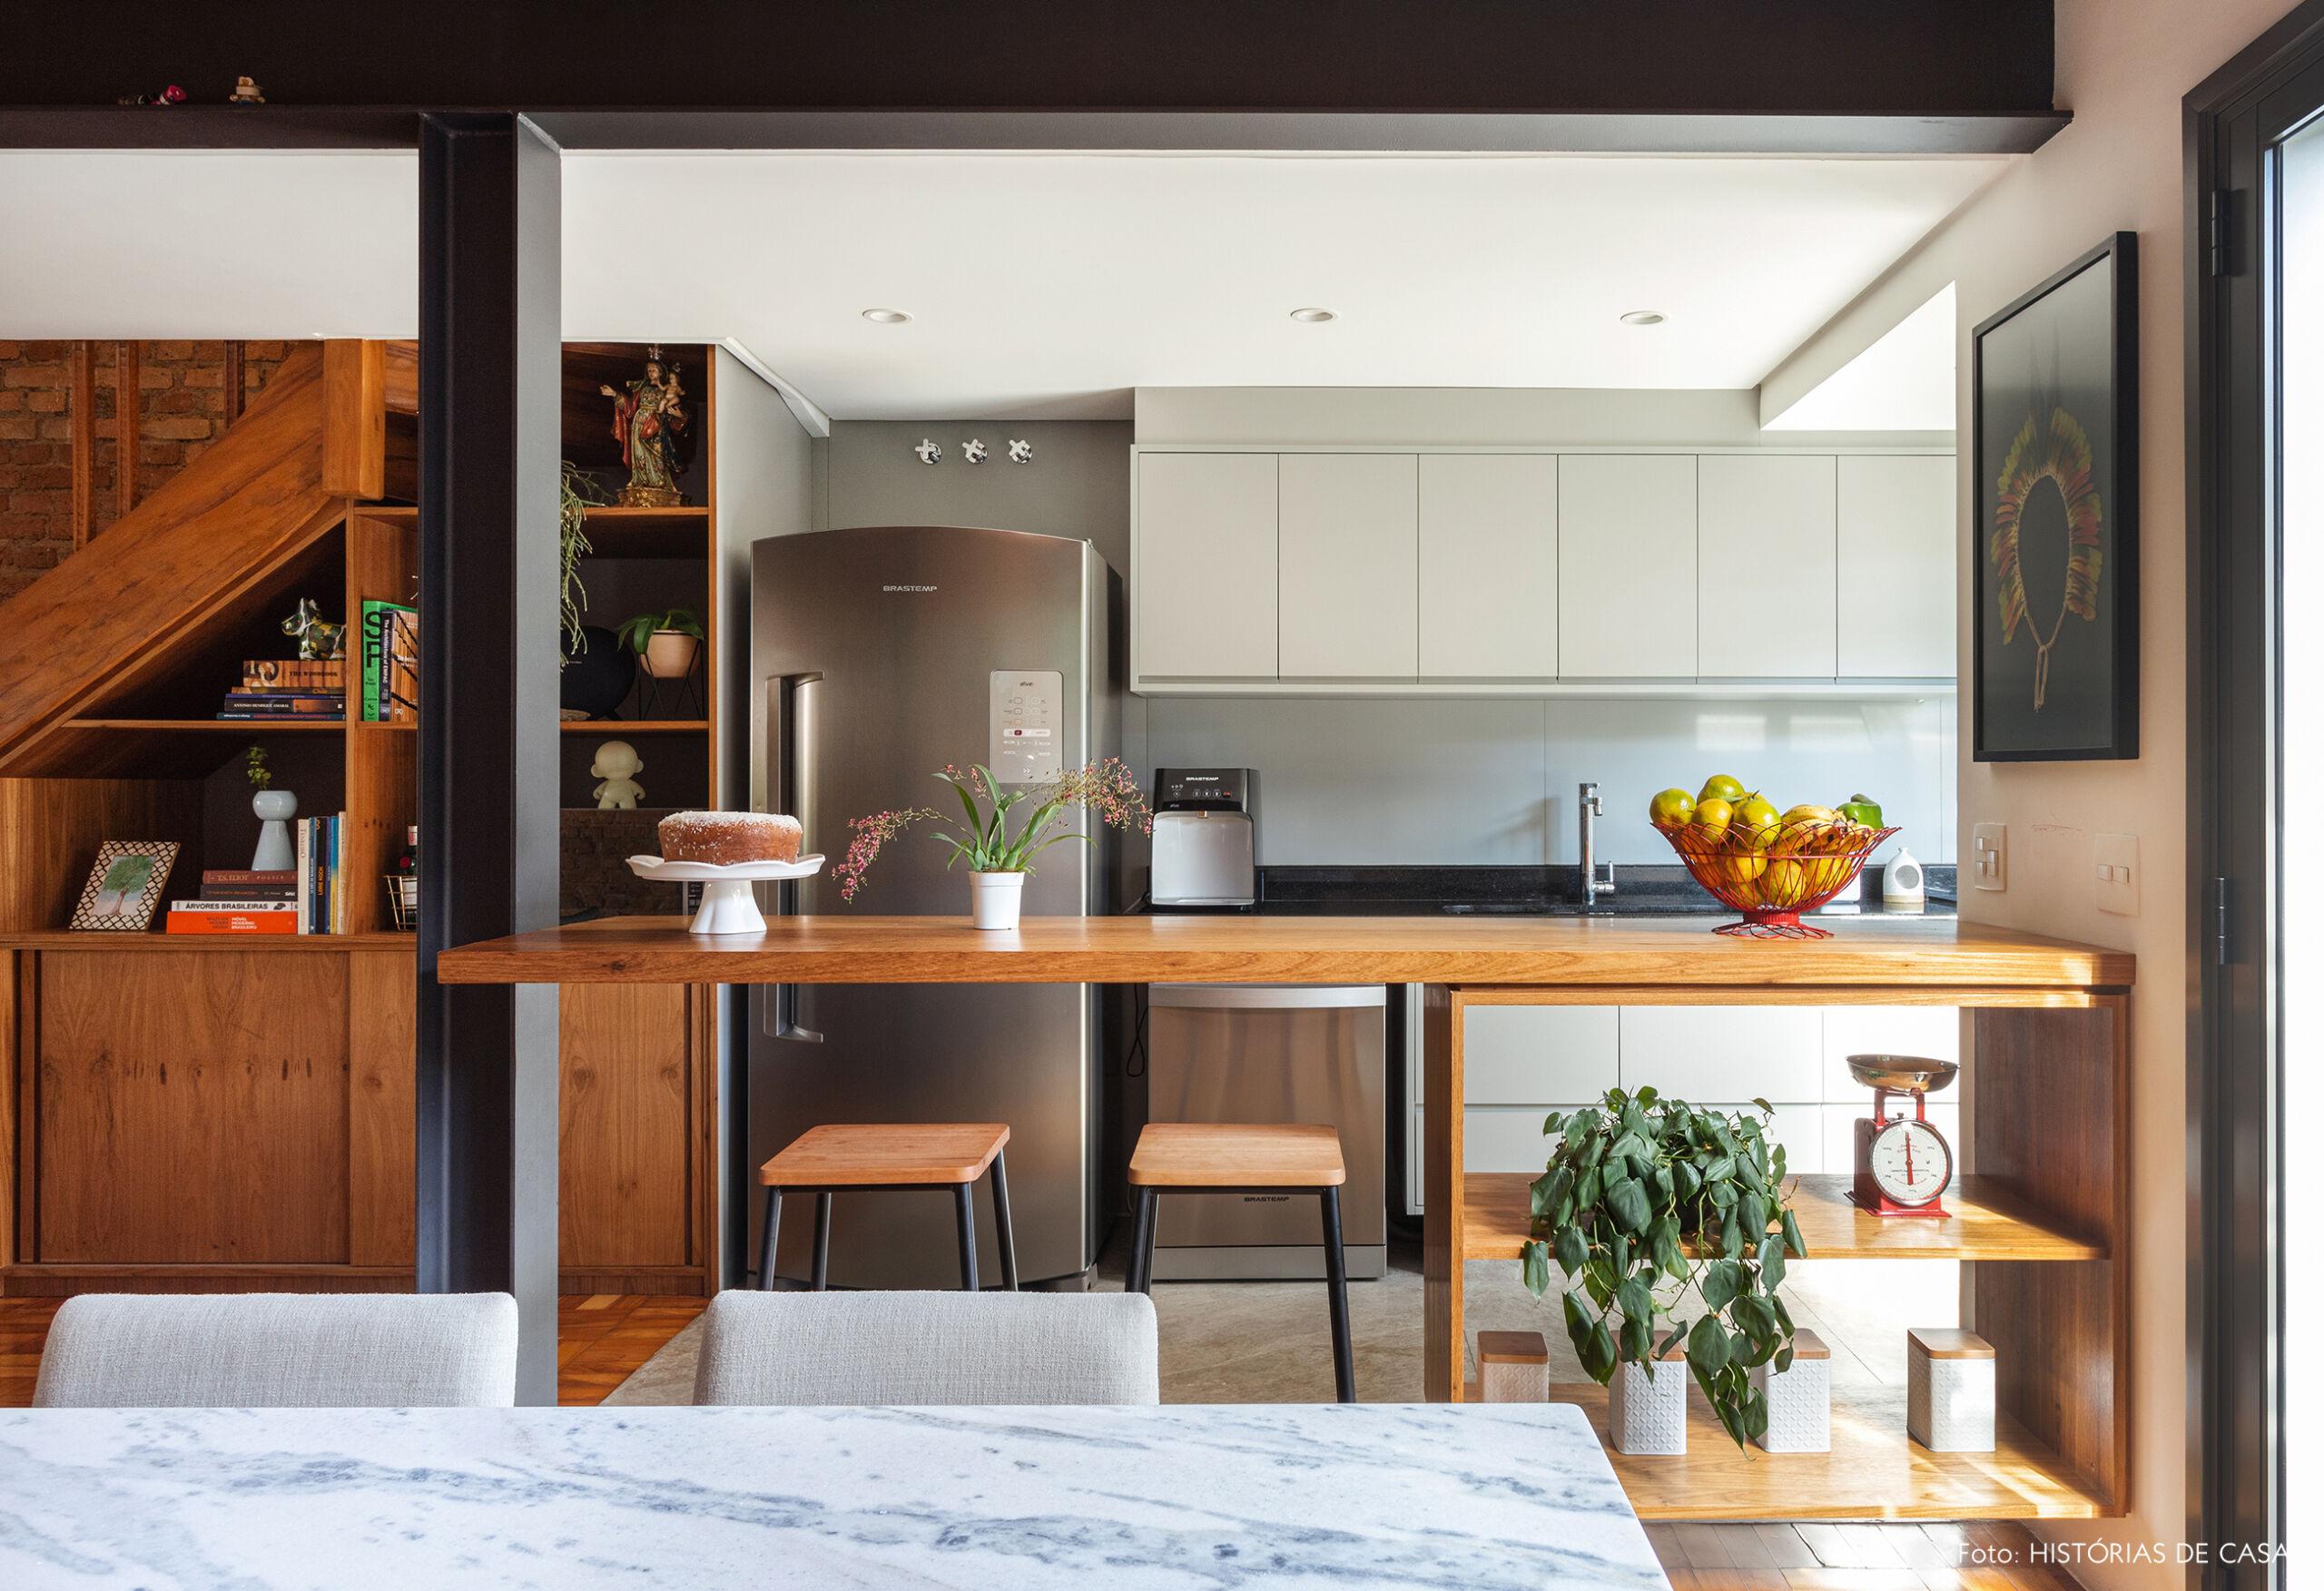 Casa de vila com cozinha integrada e balcão de madeira